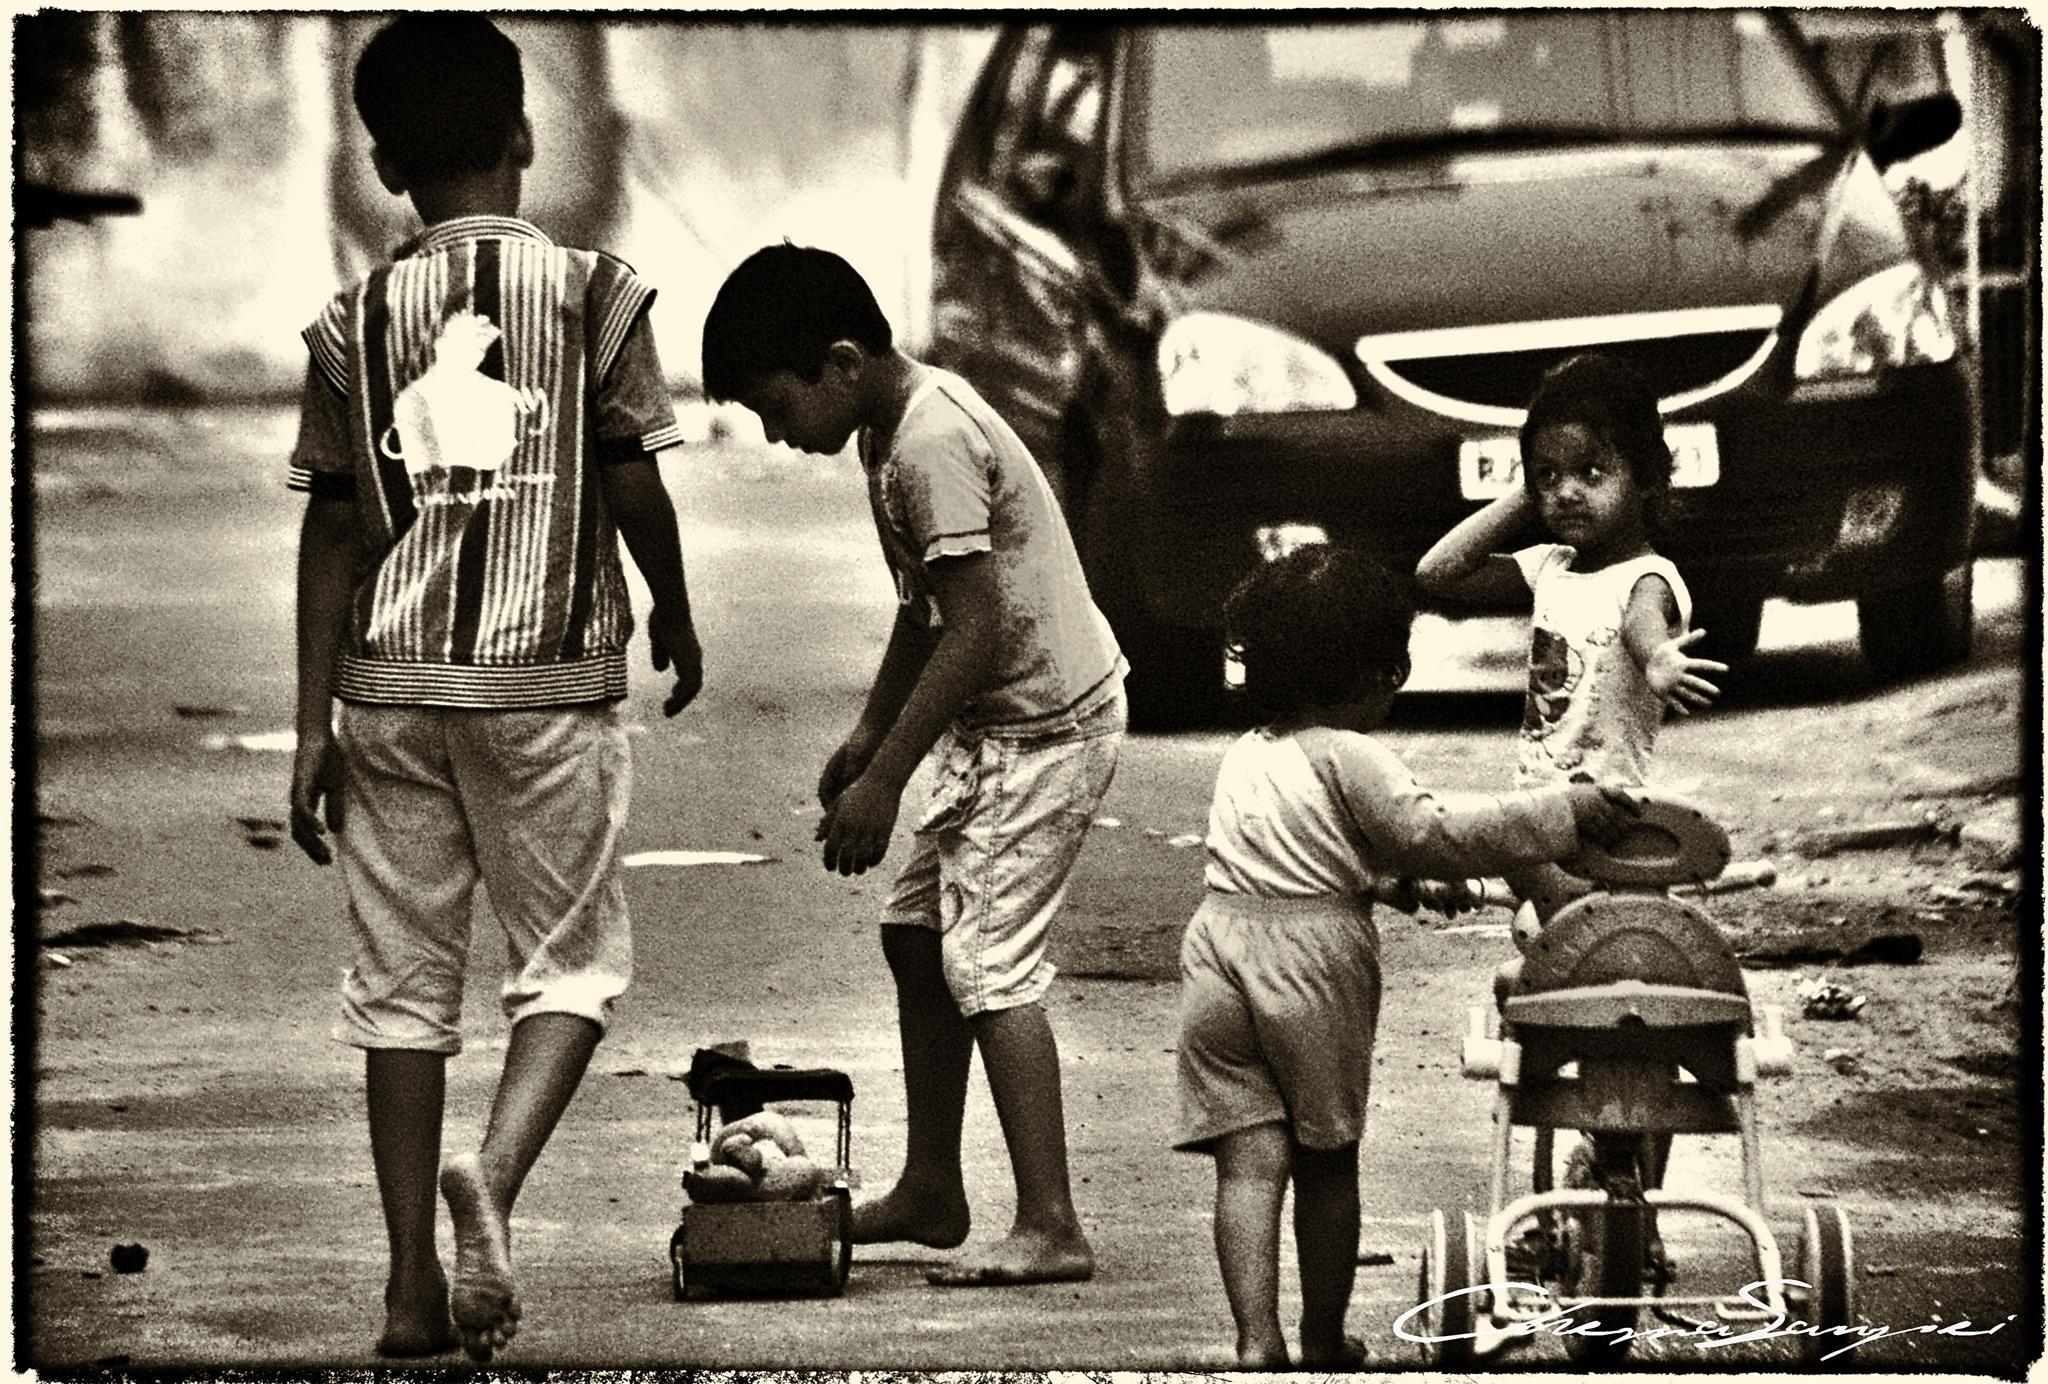 Niños jugando by chemasanpei